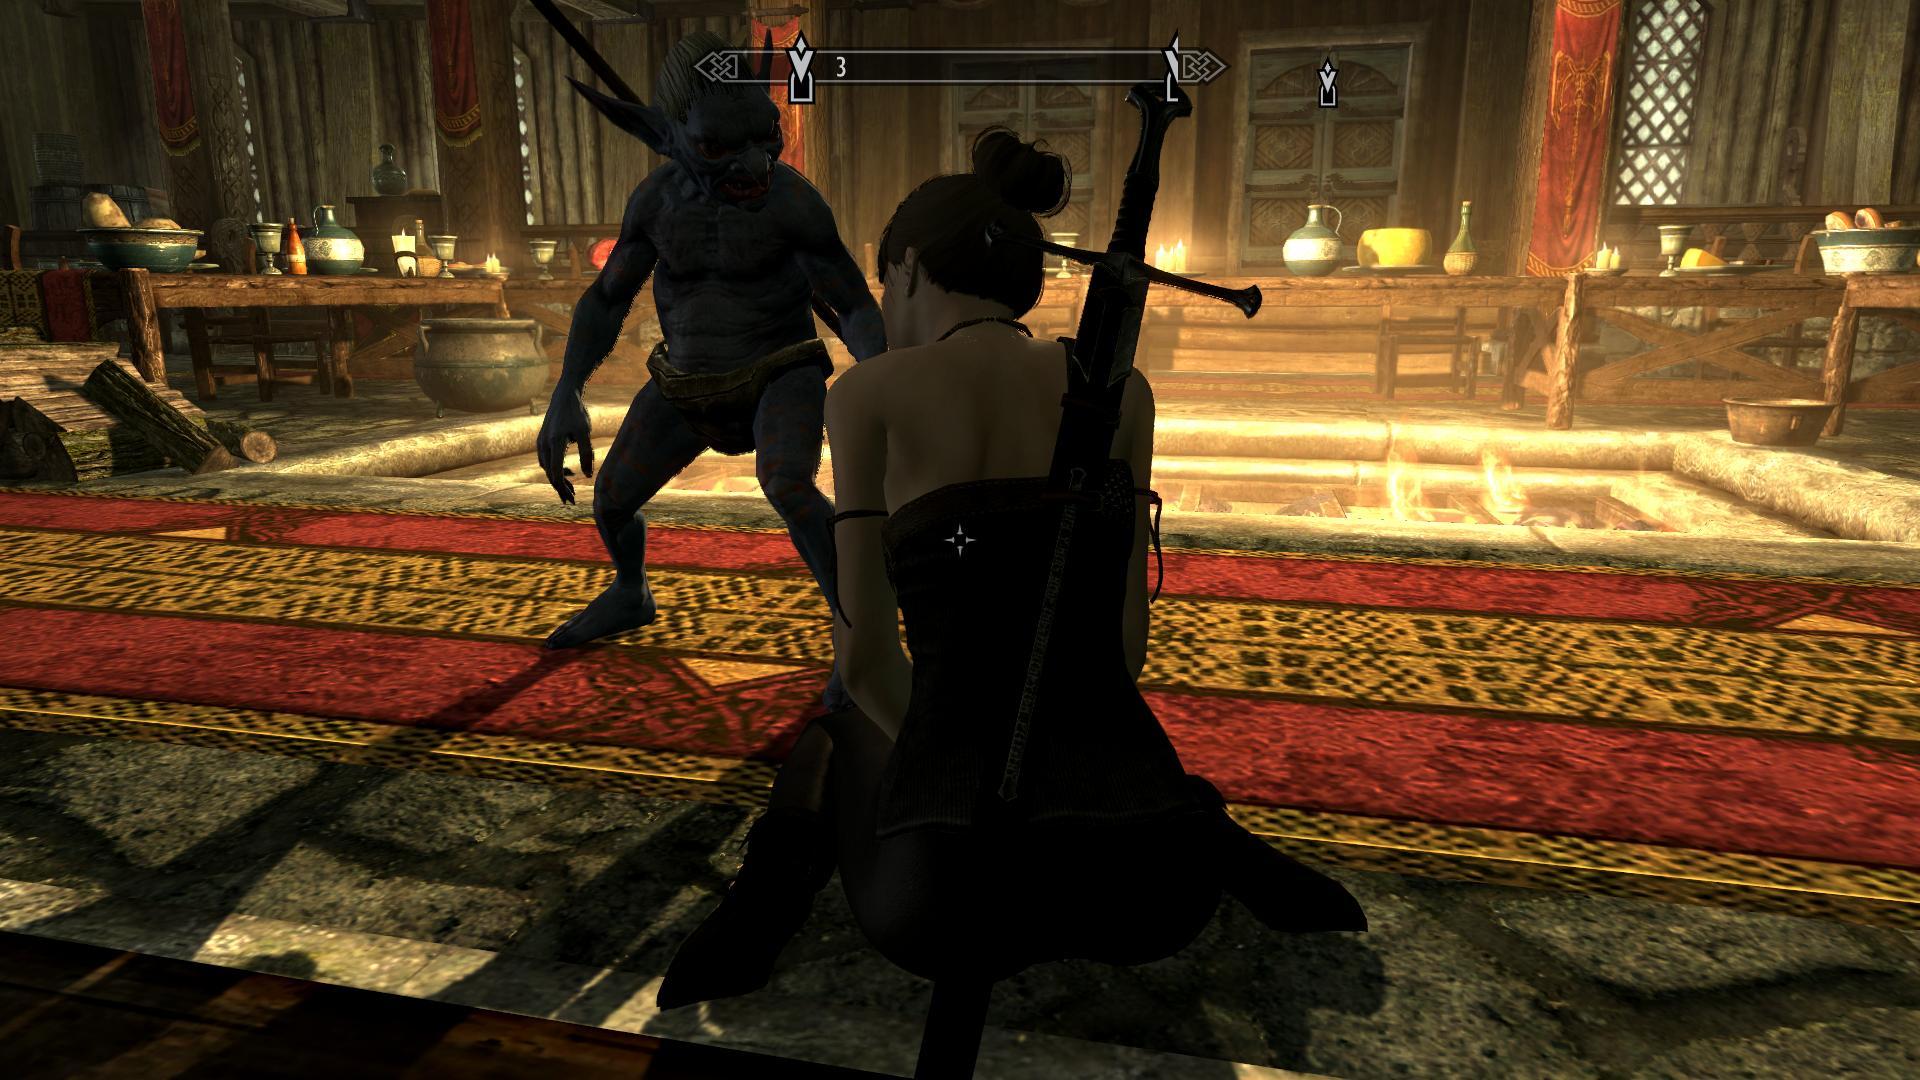 TESV_original 2018-06-22 14-01-55-63.jpg - Elder Scrolls 5: Skyrim, the